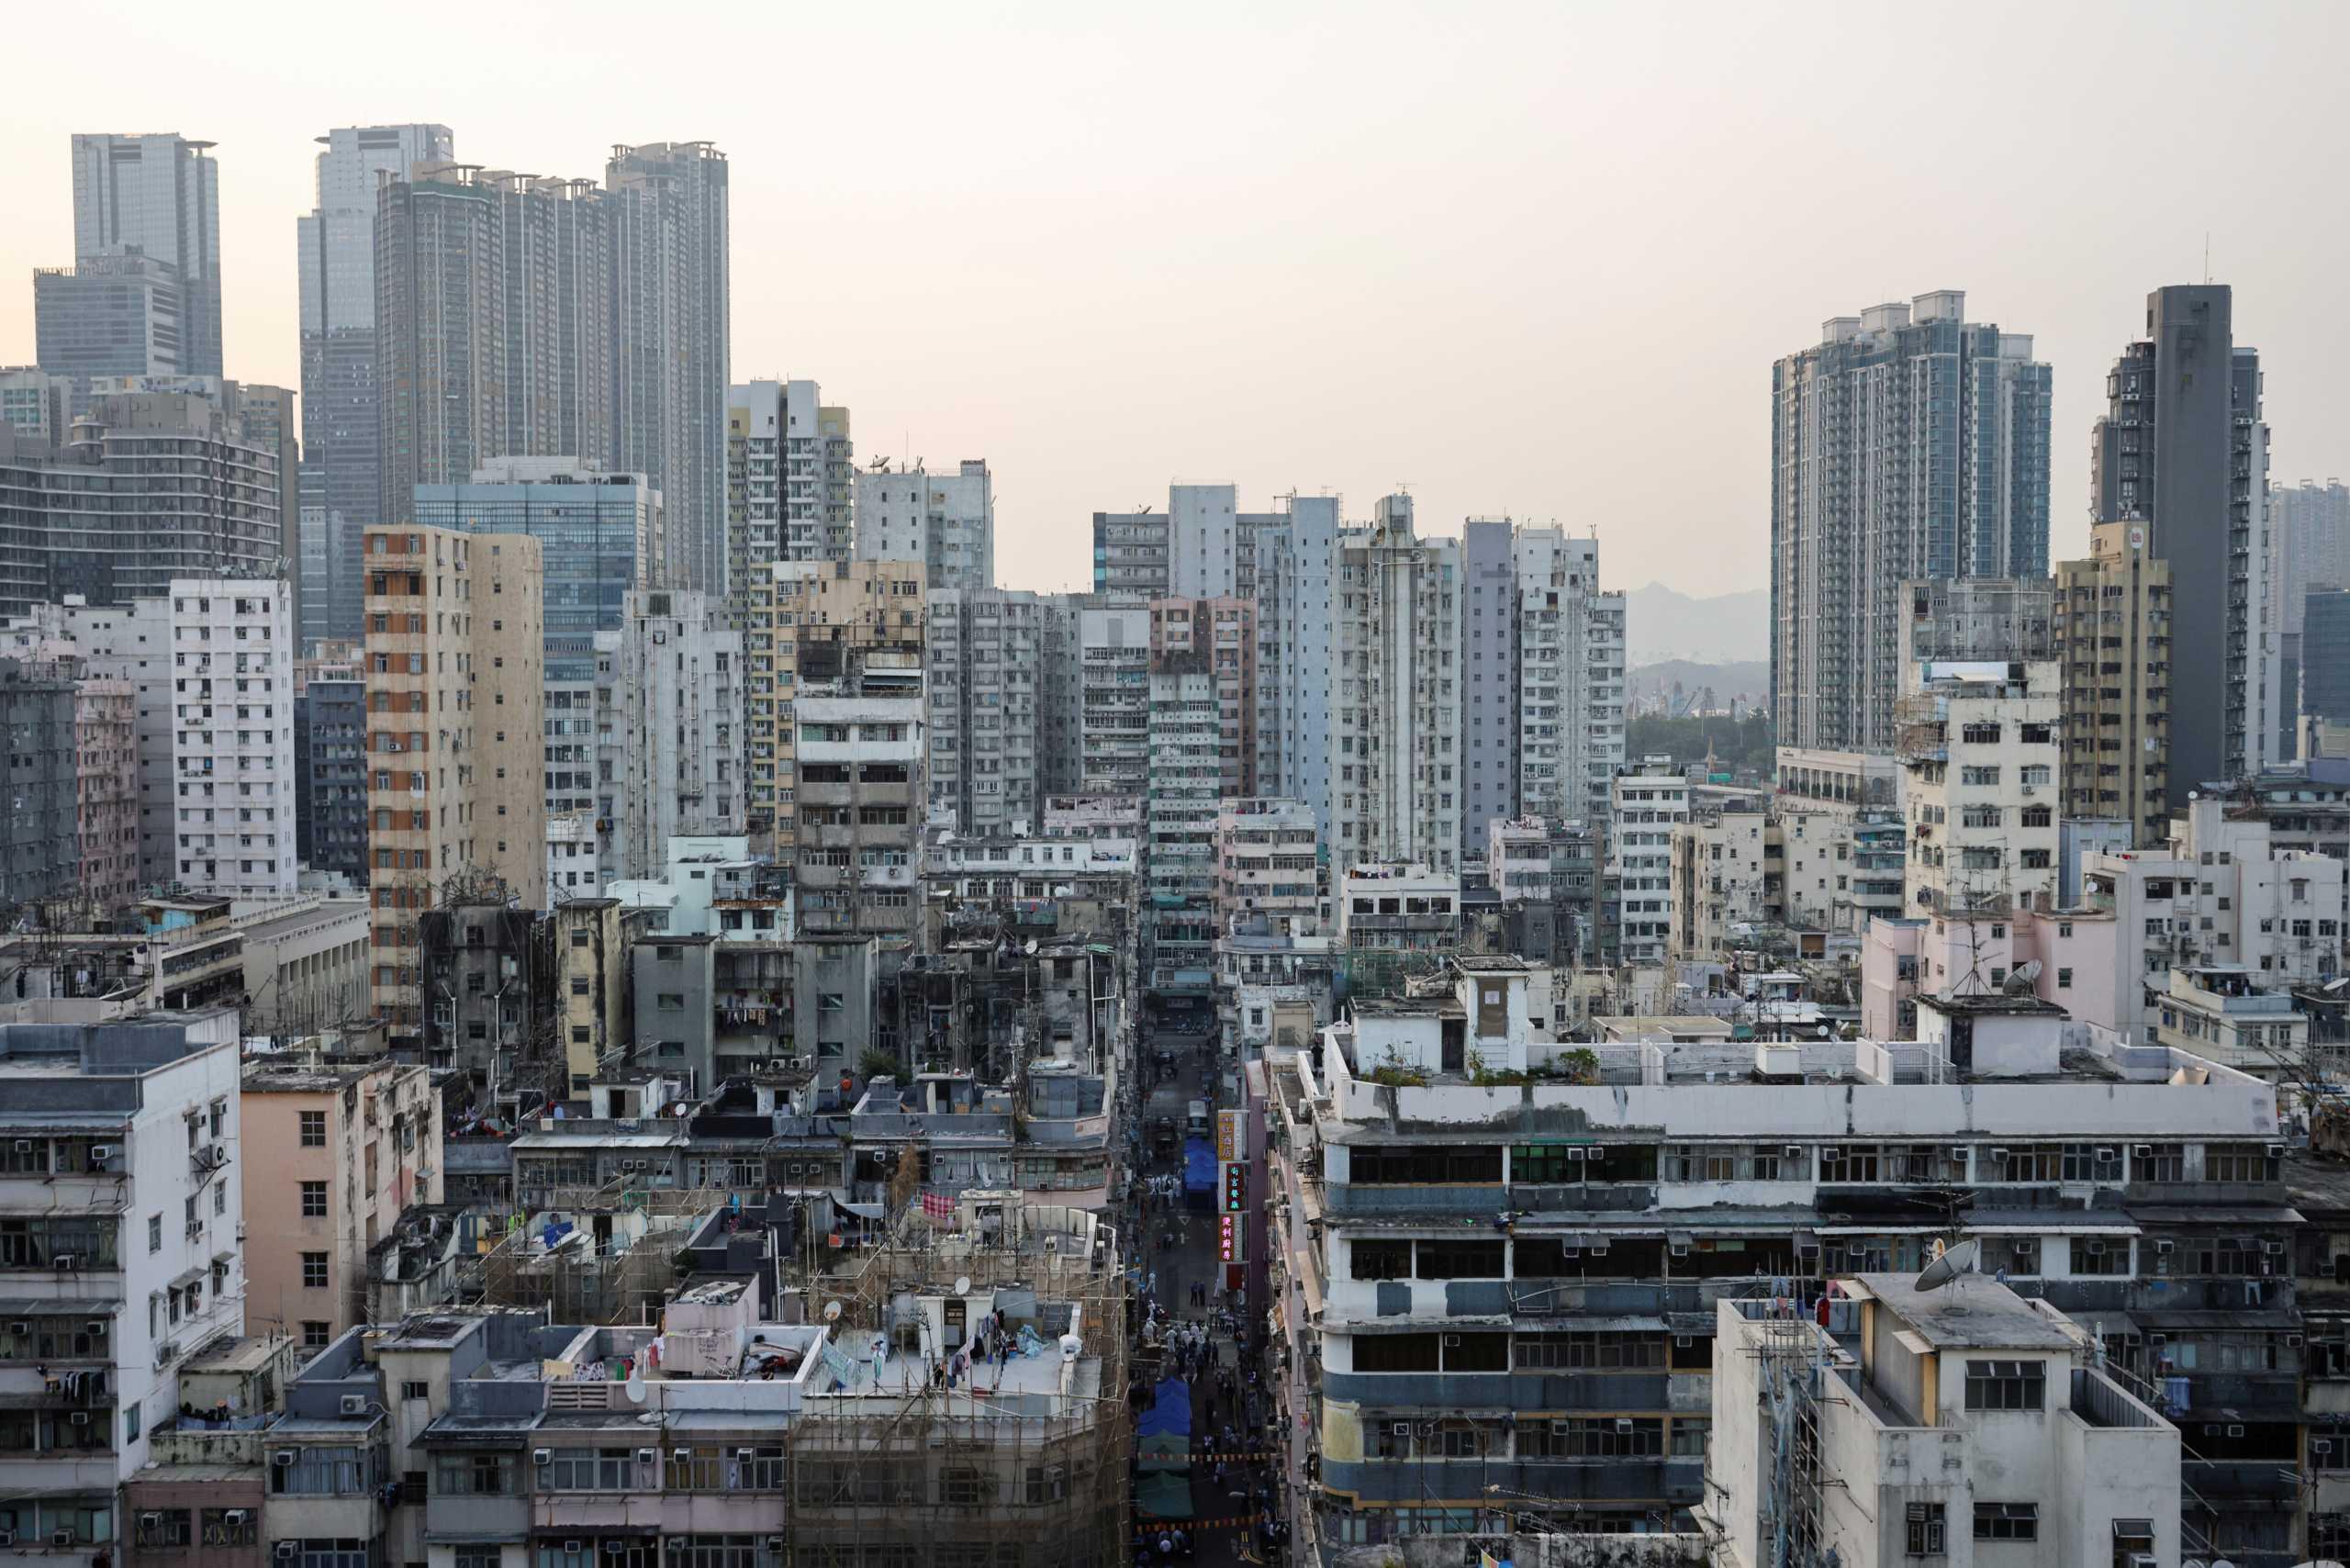 Χονγκ Κονγκ: Νέα τιμή-ρεκόρ για διαμέρισμα – 156.000 ευρώ το τετραγωνικό μέτρο (pic)